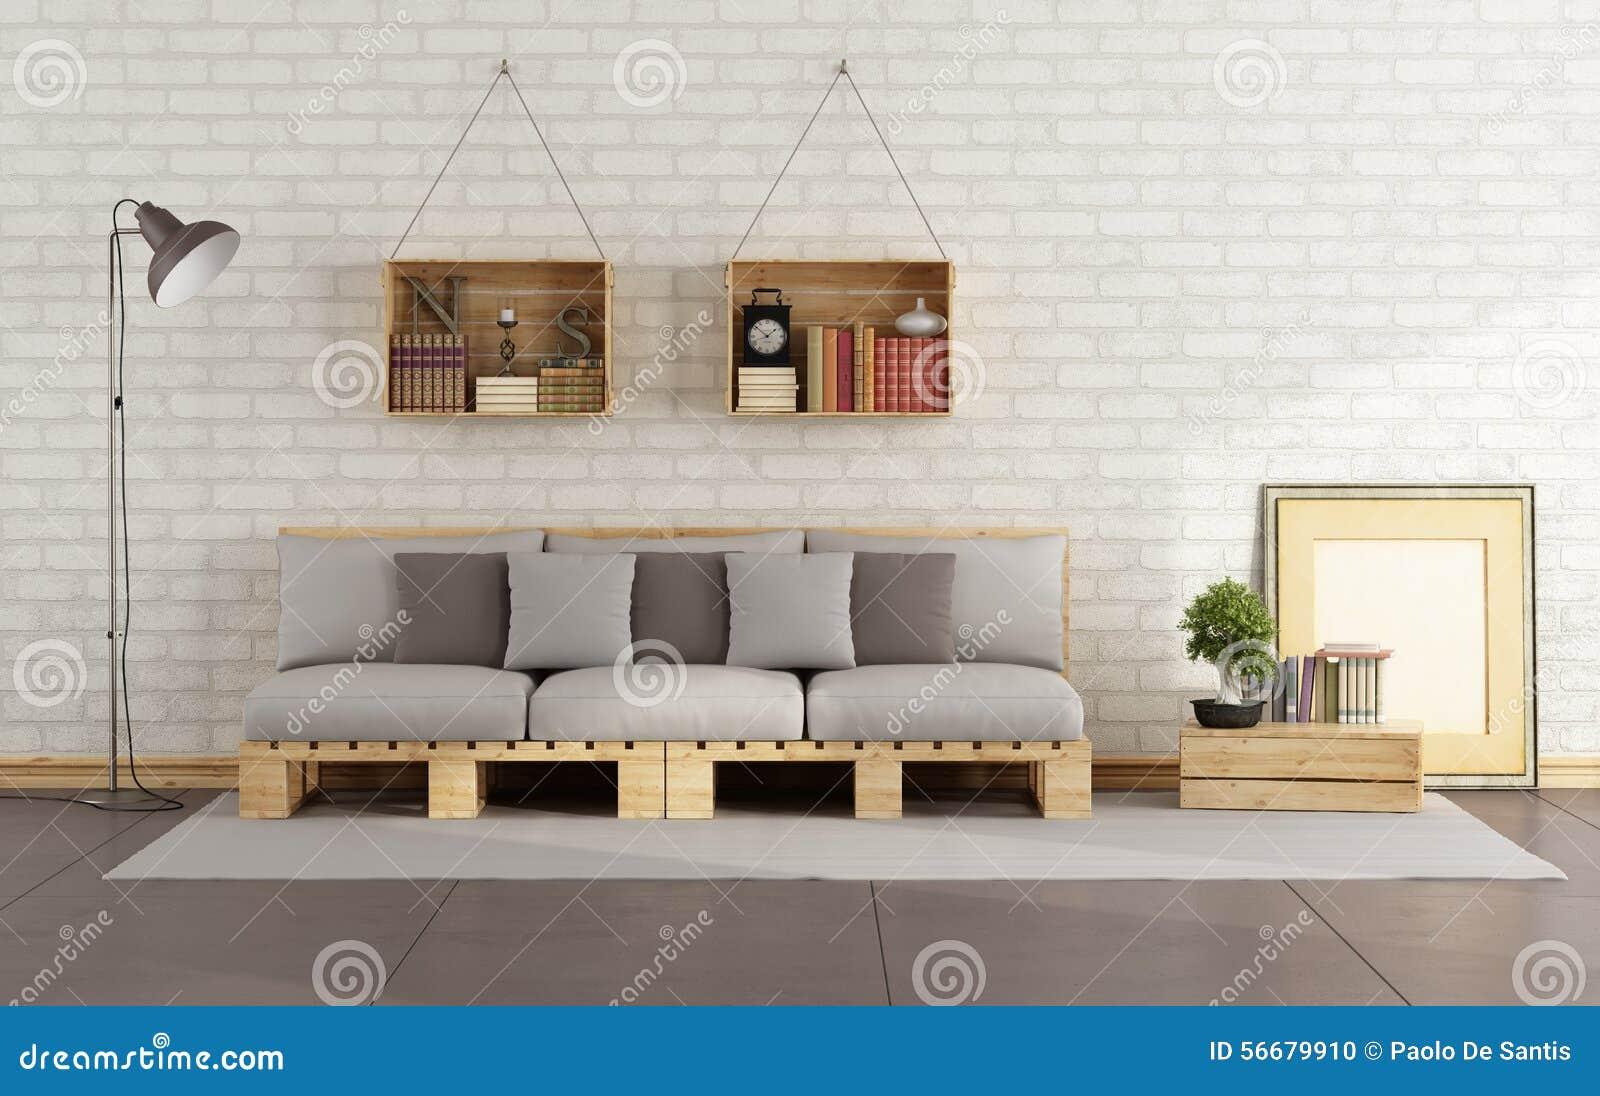 Wohnzimmer Mit Palettensofa Stock Abbildung Bild 56679910